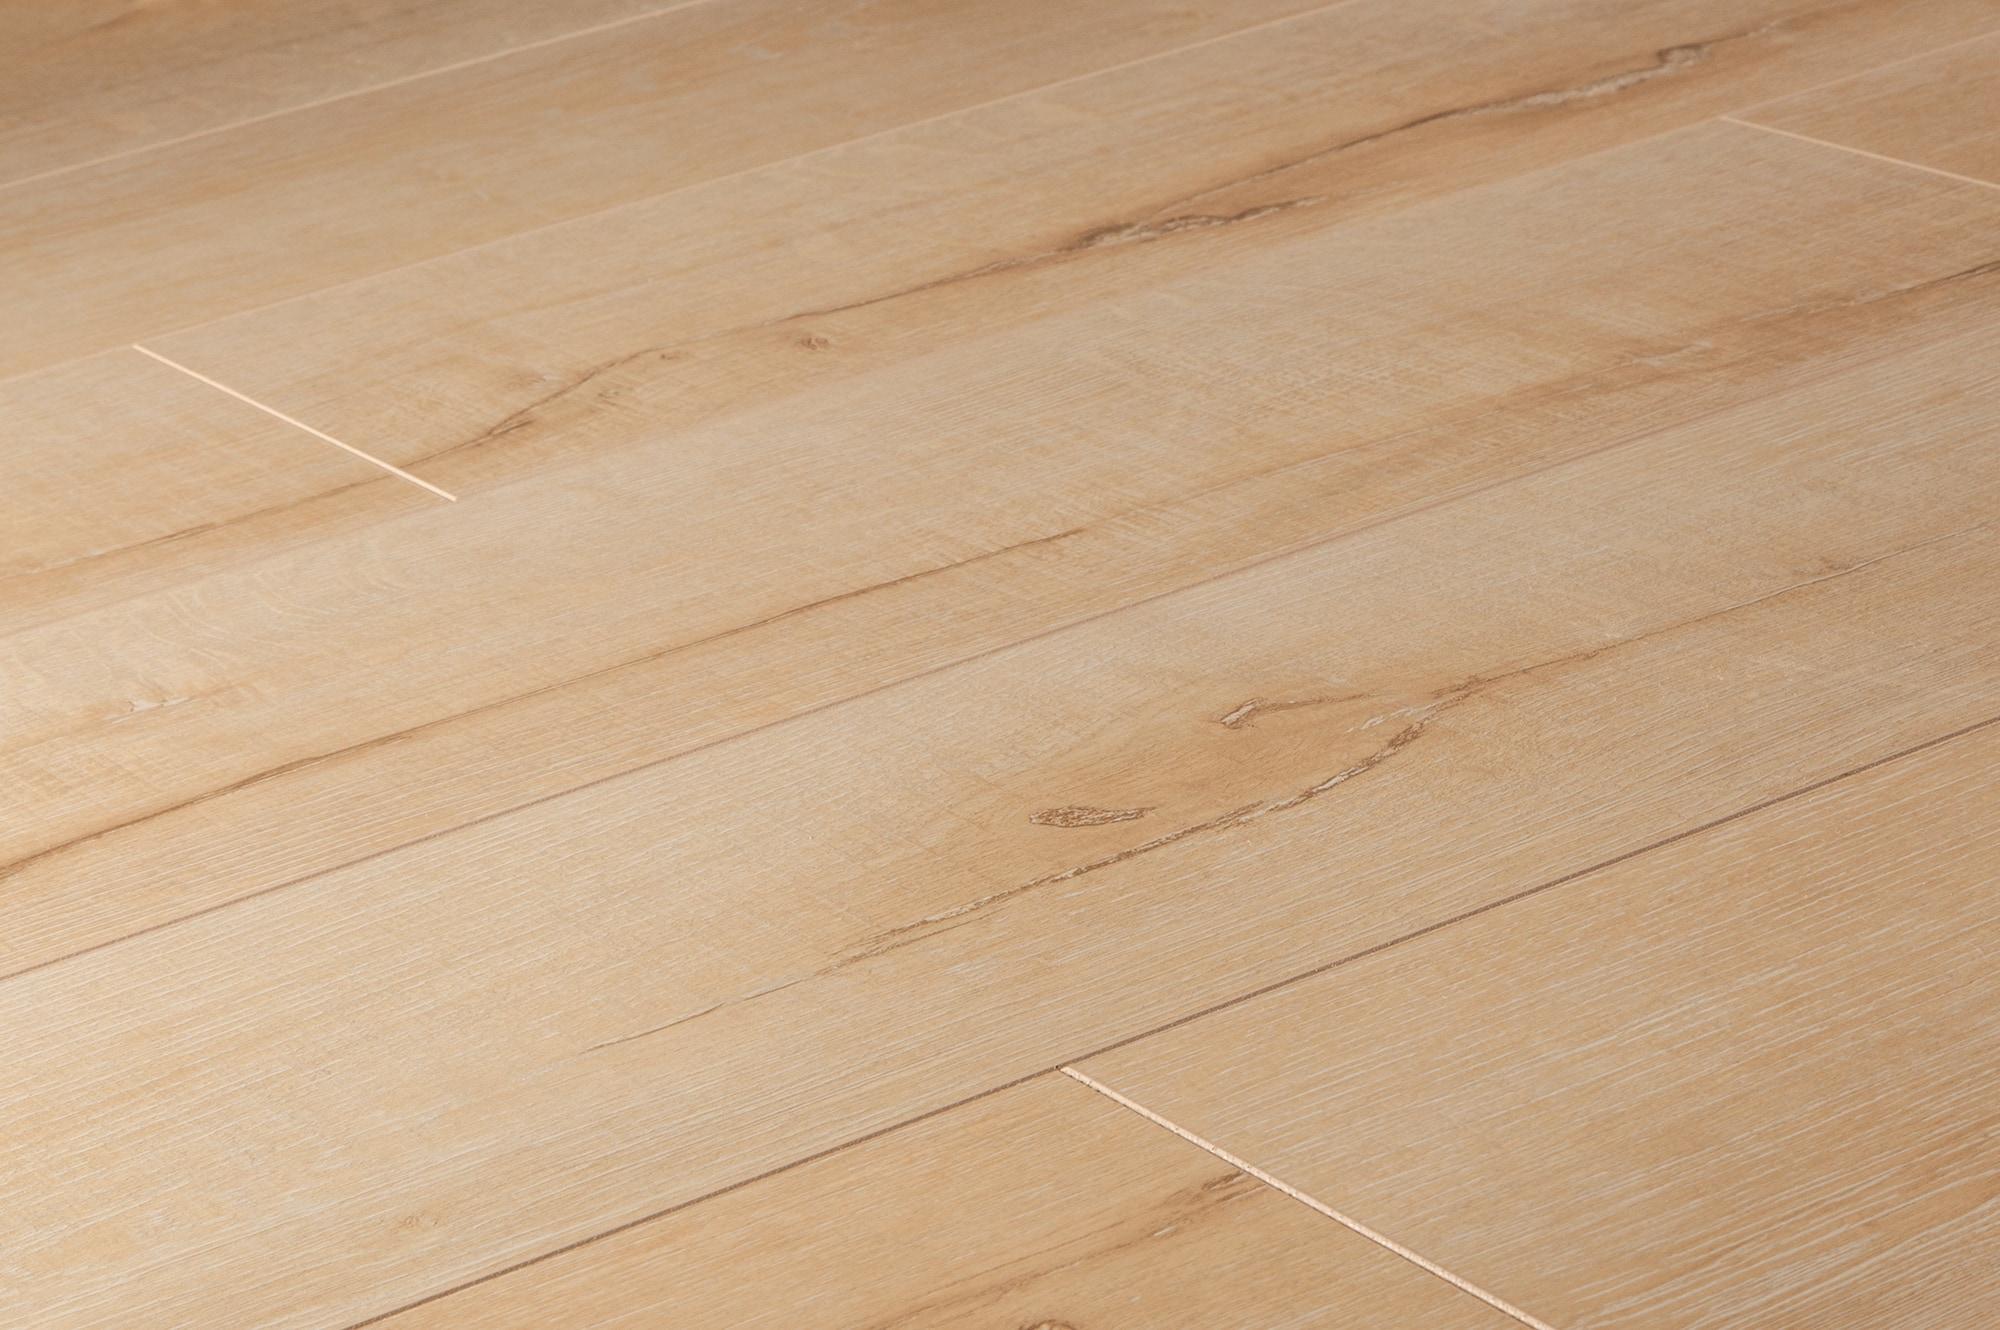 White Washed Laminate Flooring white wash laminate flooring Free Samples Lamton Laminate 12mm Basilica Collection Whitewash